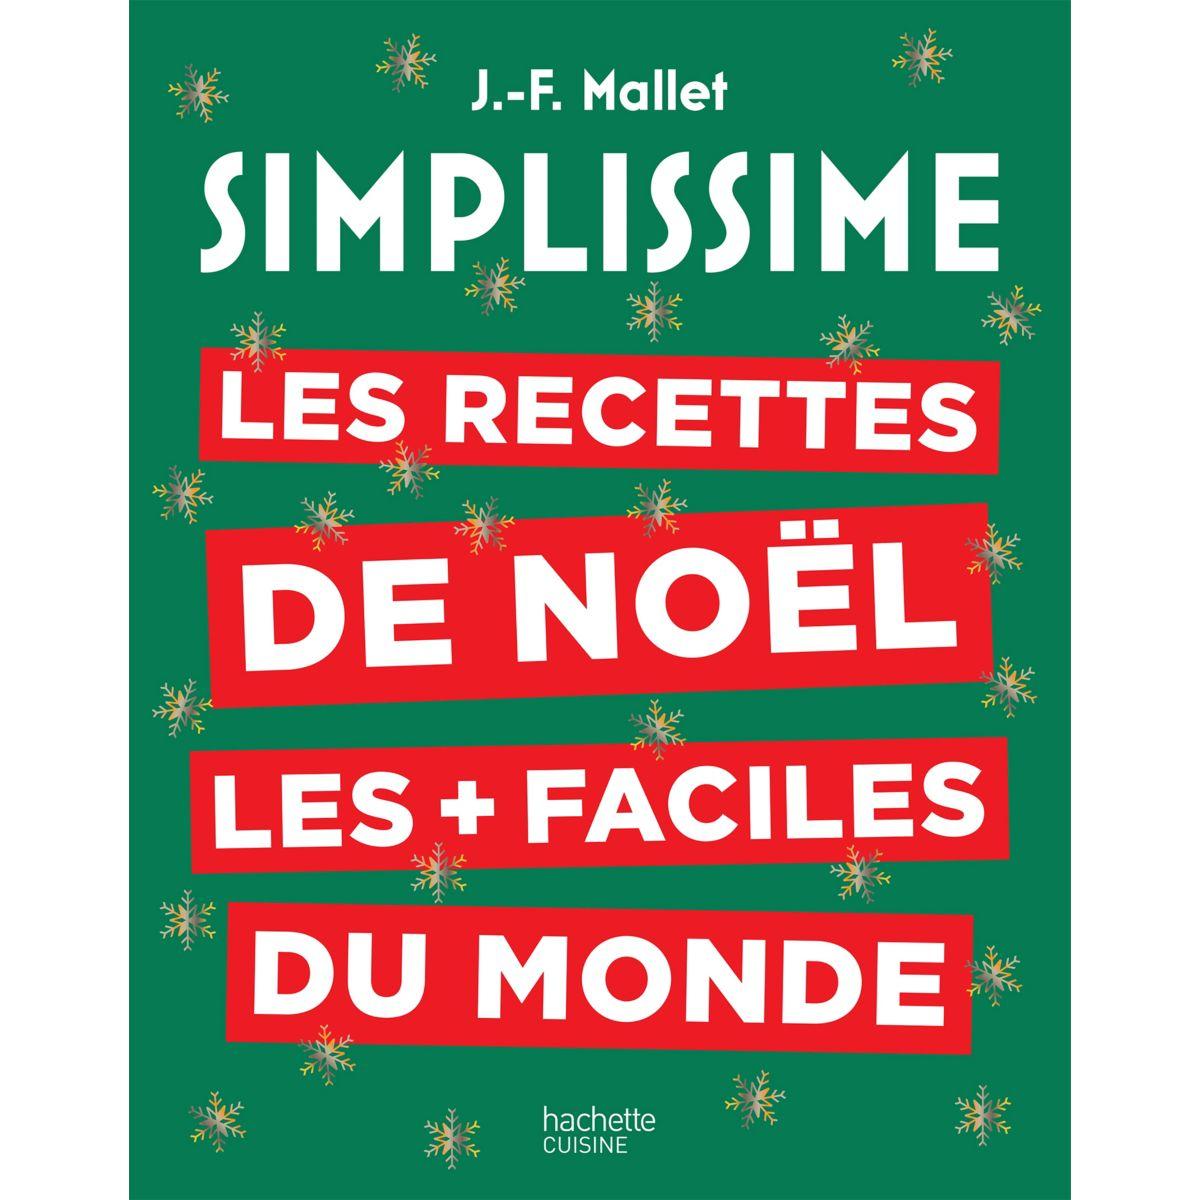 Livre de cuisine HACHETTE Simplissime Recettes de Noel